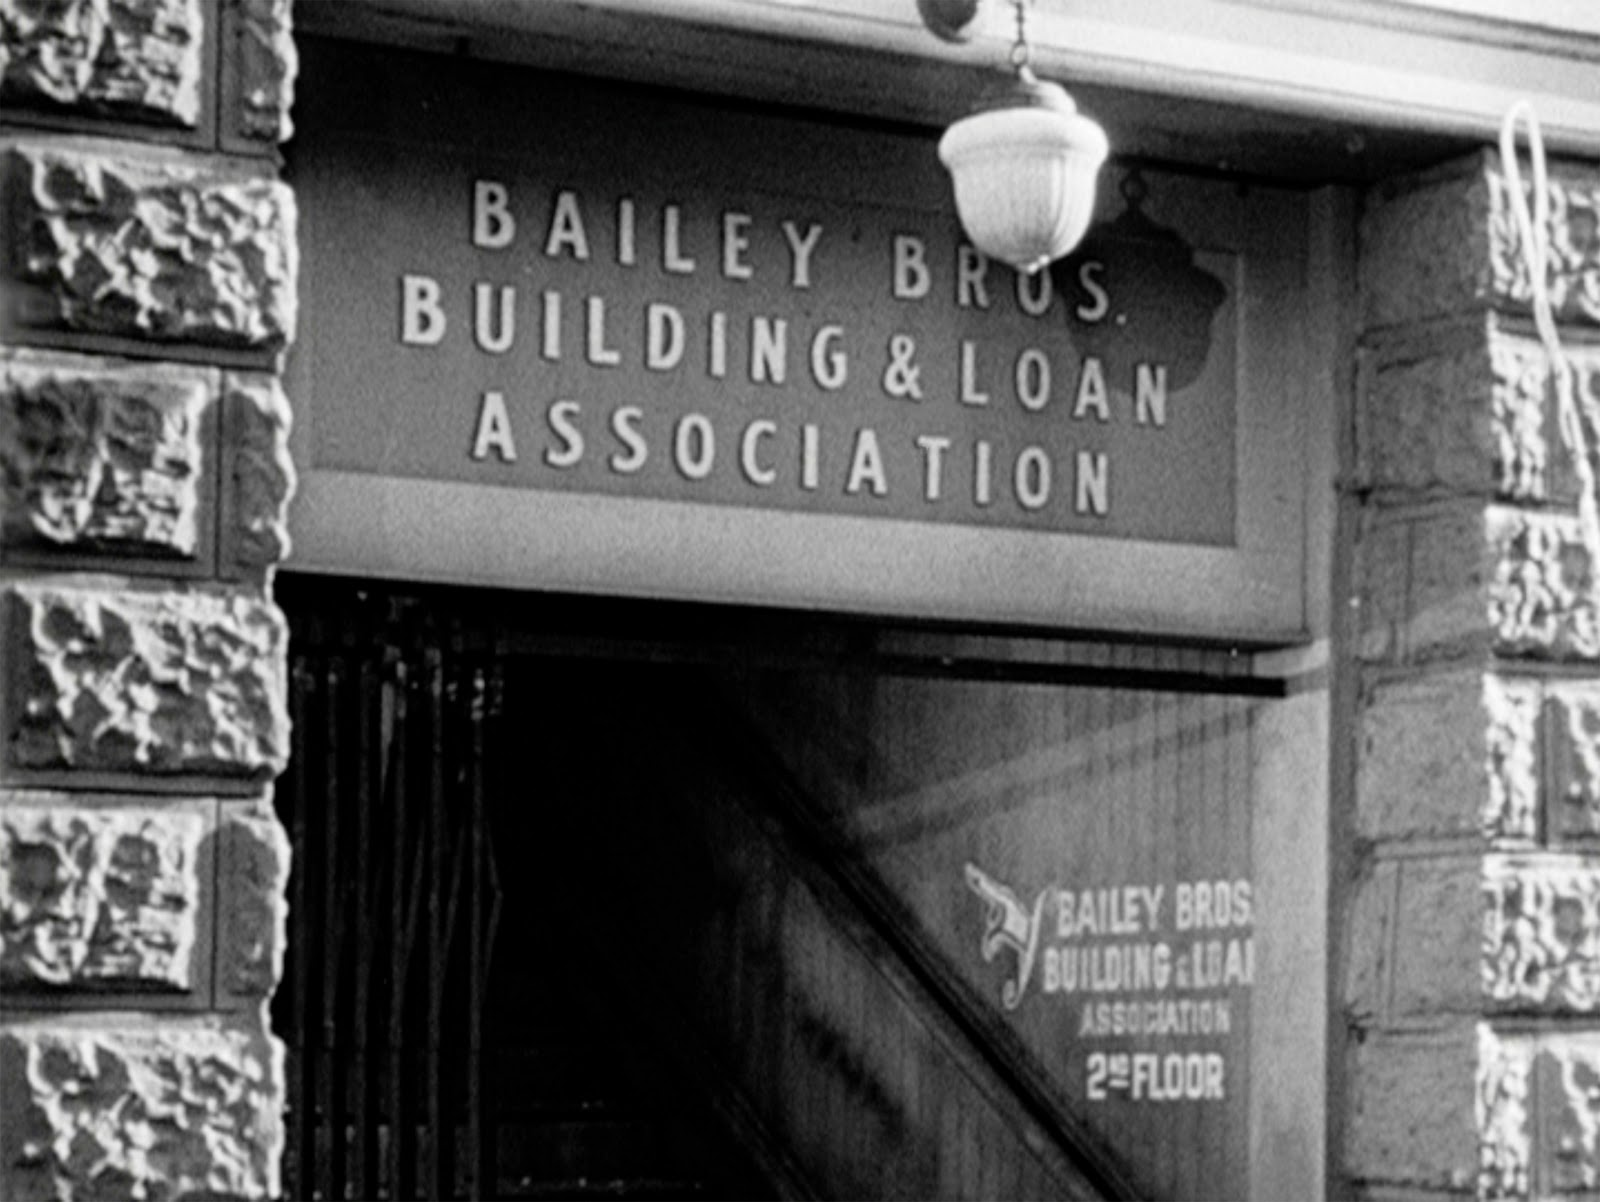 Bailey Bros